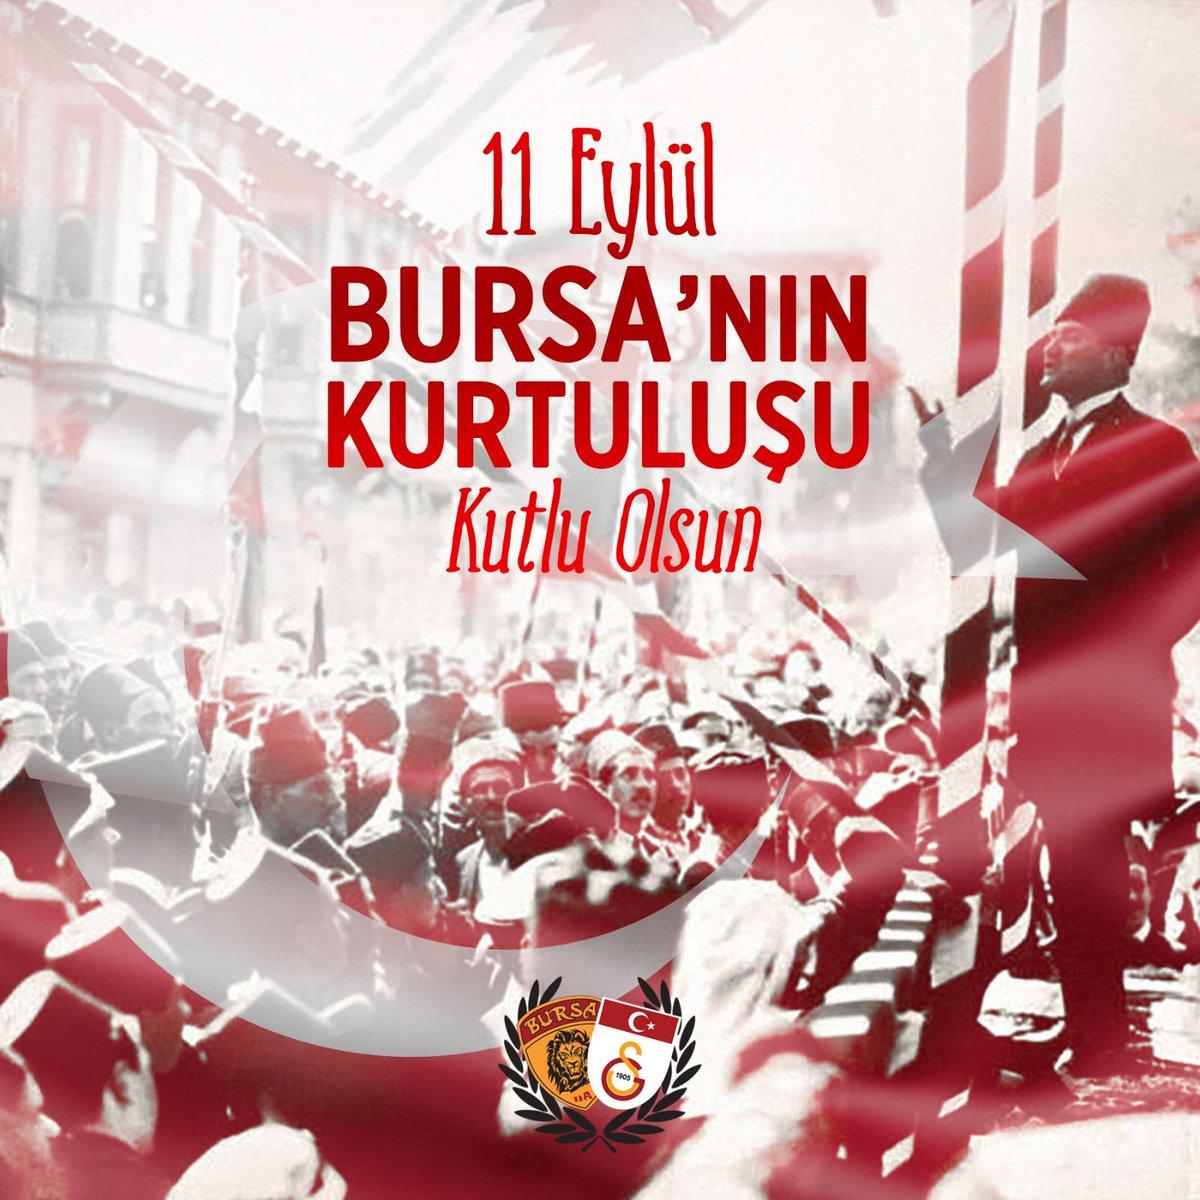 Bursa'nın düşman işgalinden kurtuluşunun 98.yıl dönümü kutlu olsun. Bize Bursa'mızı emanet eden başta Gazi Mustafa Kemal Atatürk olmak üzere vatan uğruna canını veren tüm şehitlerimizi saygı ve rahmetle anıyoruz!  #ultrAslanBURSA https://t.co/1opqbdtpg7